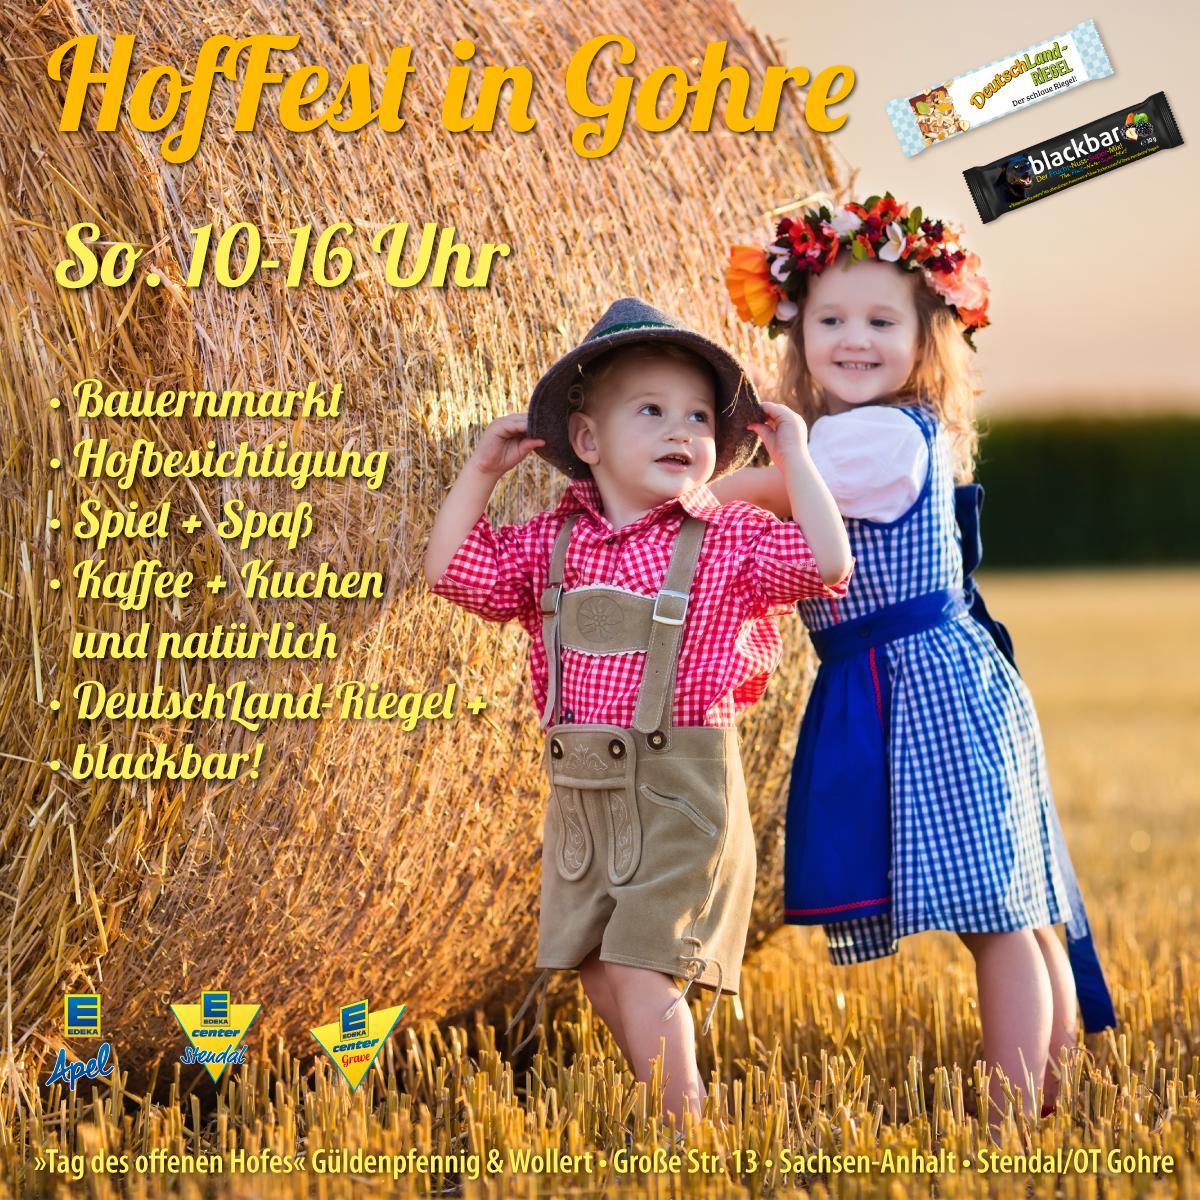 Hoffest, Gohre, Sachsen-Anhalt, Hofbesichtigung, Kaffee, Kuchen, Landfrauen, Spiel, Spaß,Bauernmarkt, Landluft, deutschlandriegel, blackbar